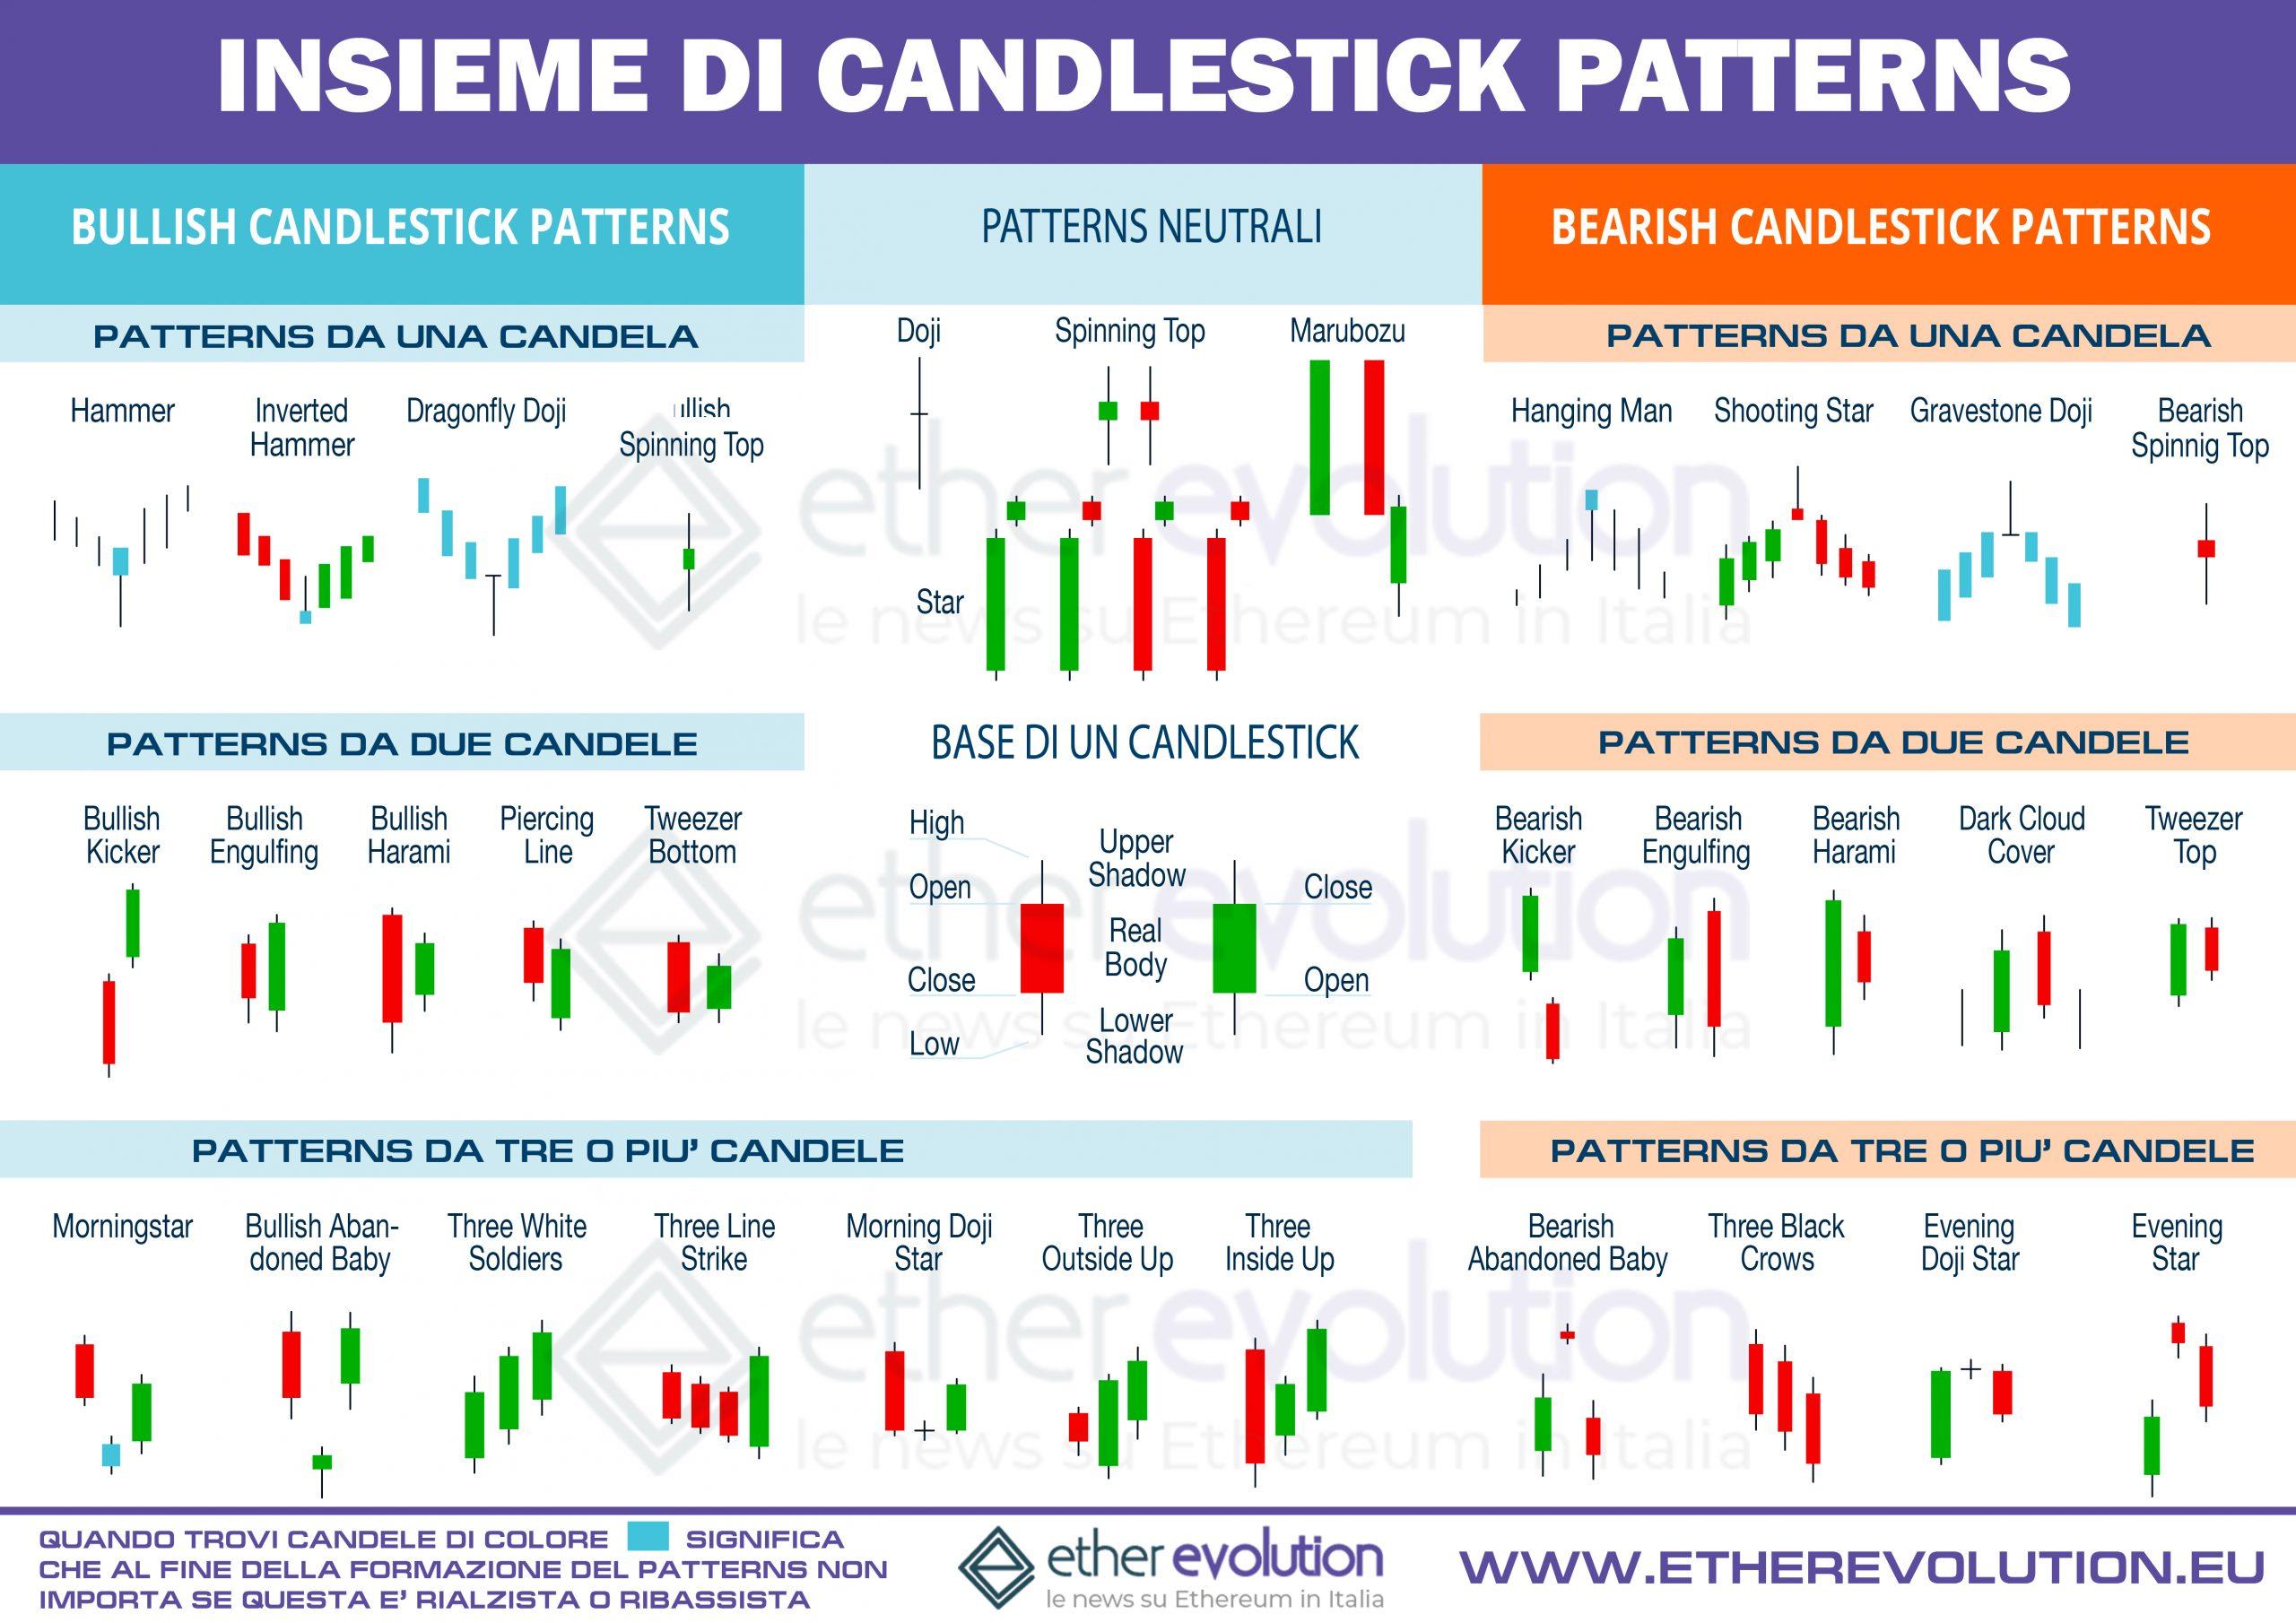 Patterns candlestick più importanti visione d'insieme